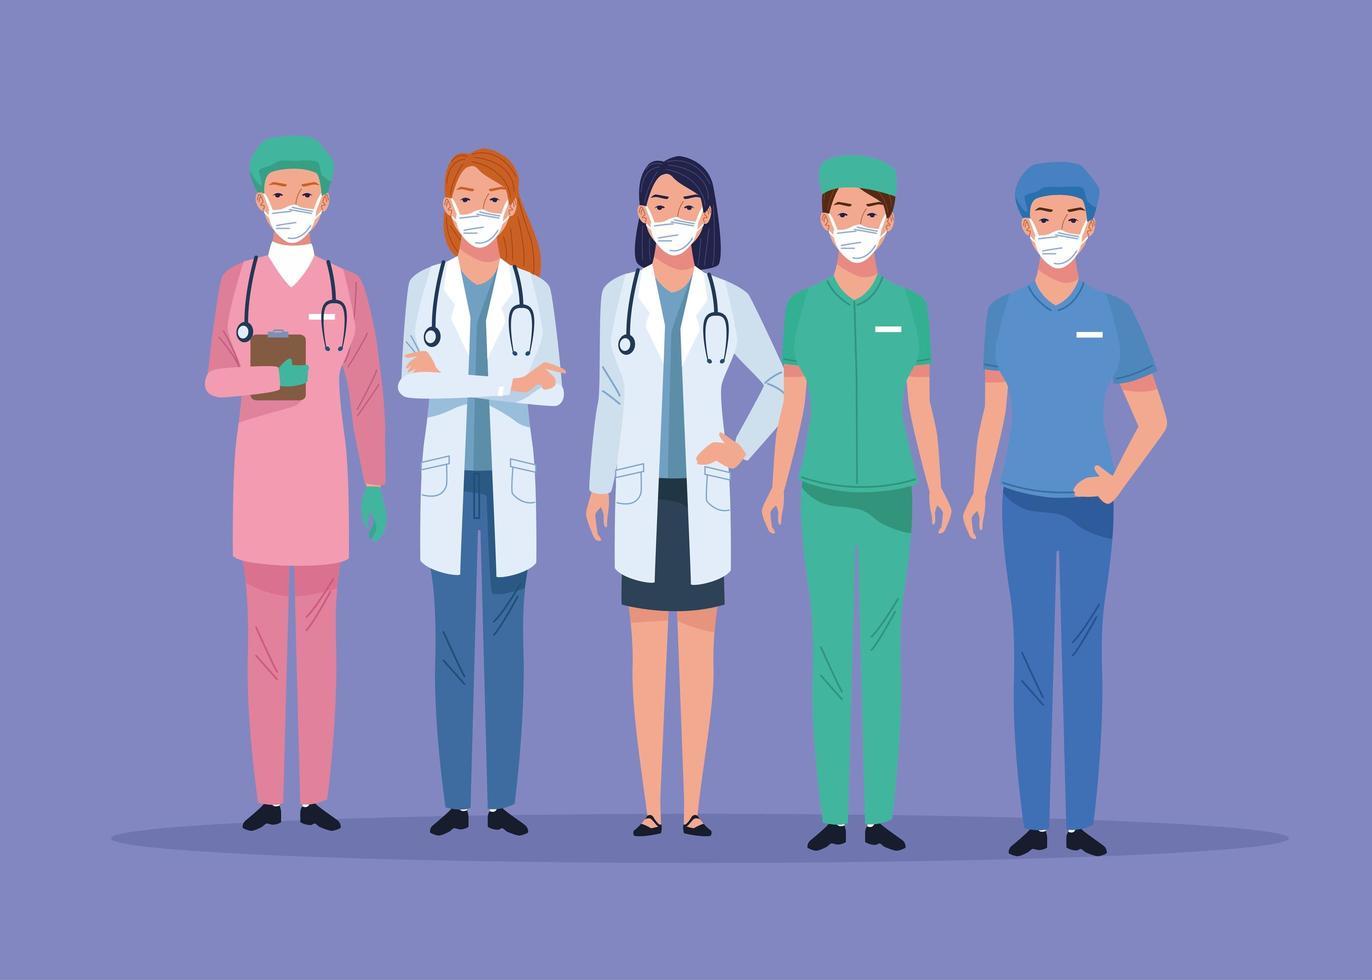 grupp vårdpersonal karaktärer vektor